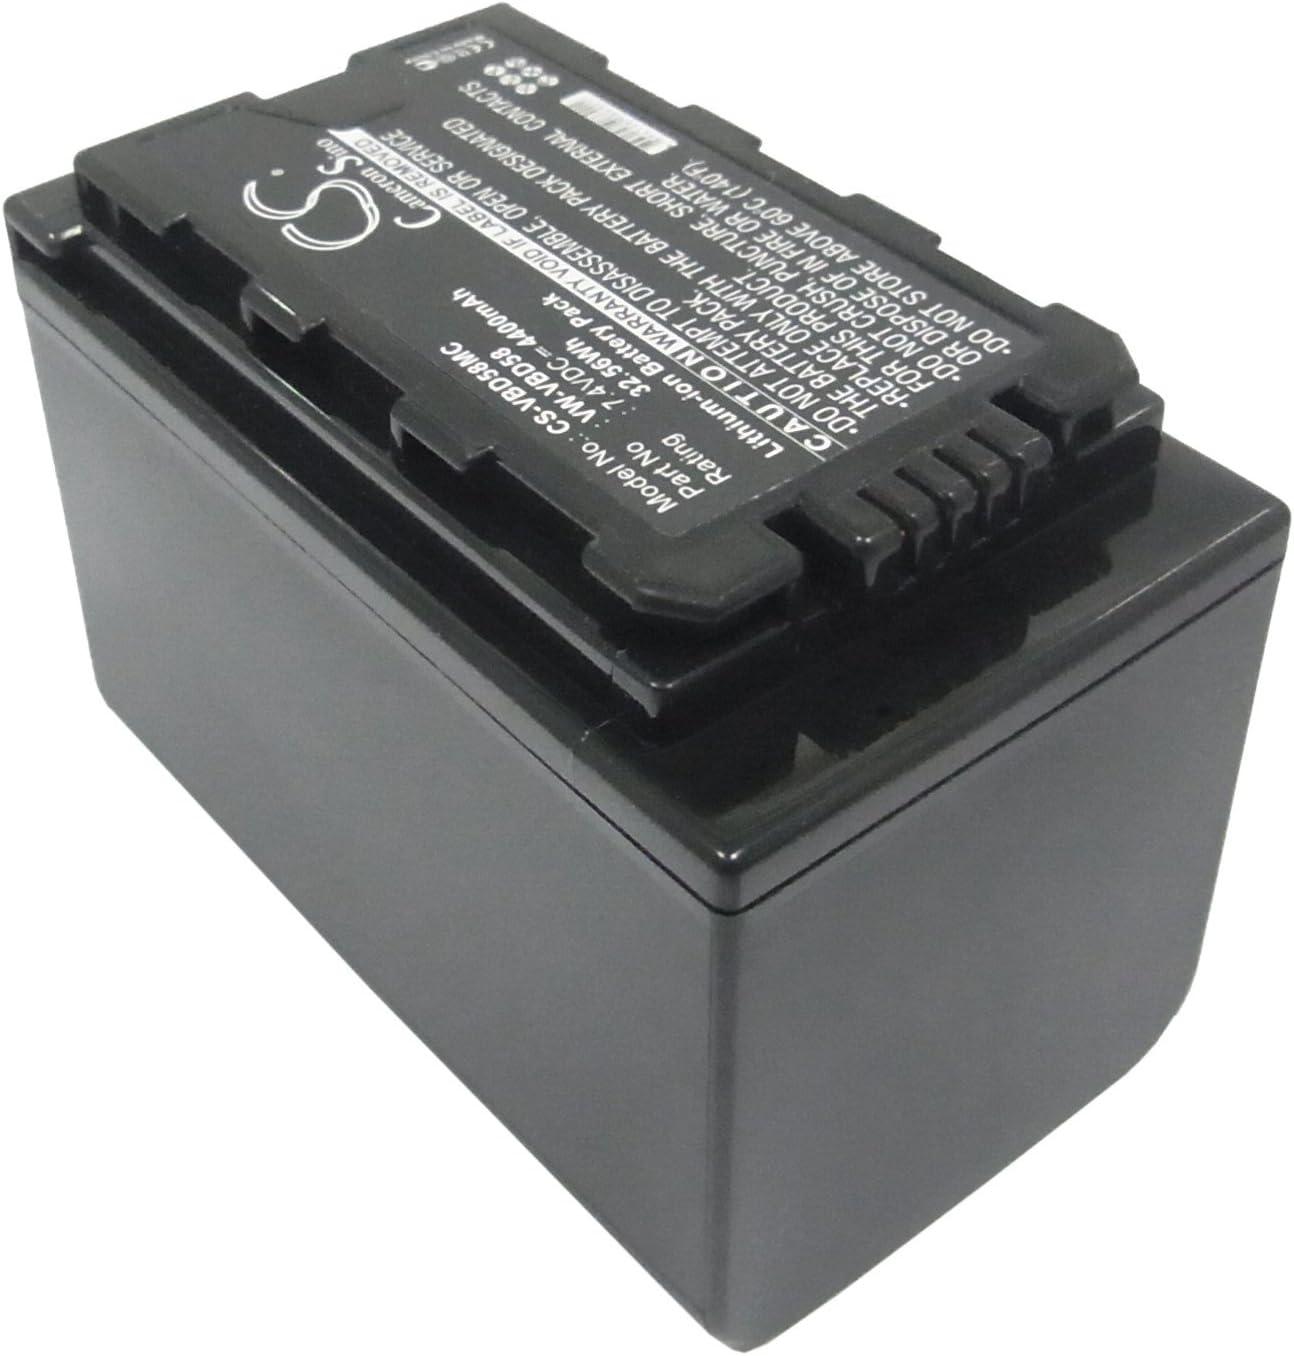 VW-VBD58E-K AJ-PX298MC HC-MDH2GK P//N VW-VBD29 HC-MDH2 AJ-PX298 VW-VBD58 4400mAh Battery Replacement for Panasonic AJ-PX270 VW-VBD58PPK